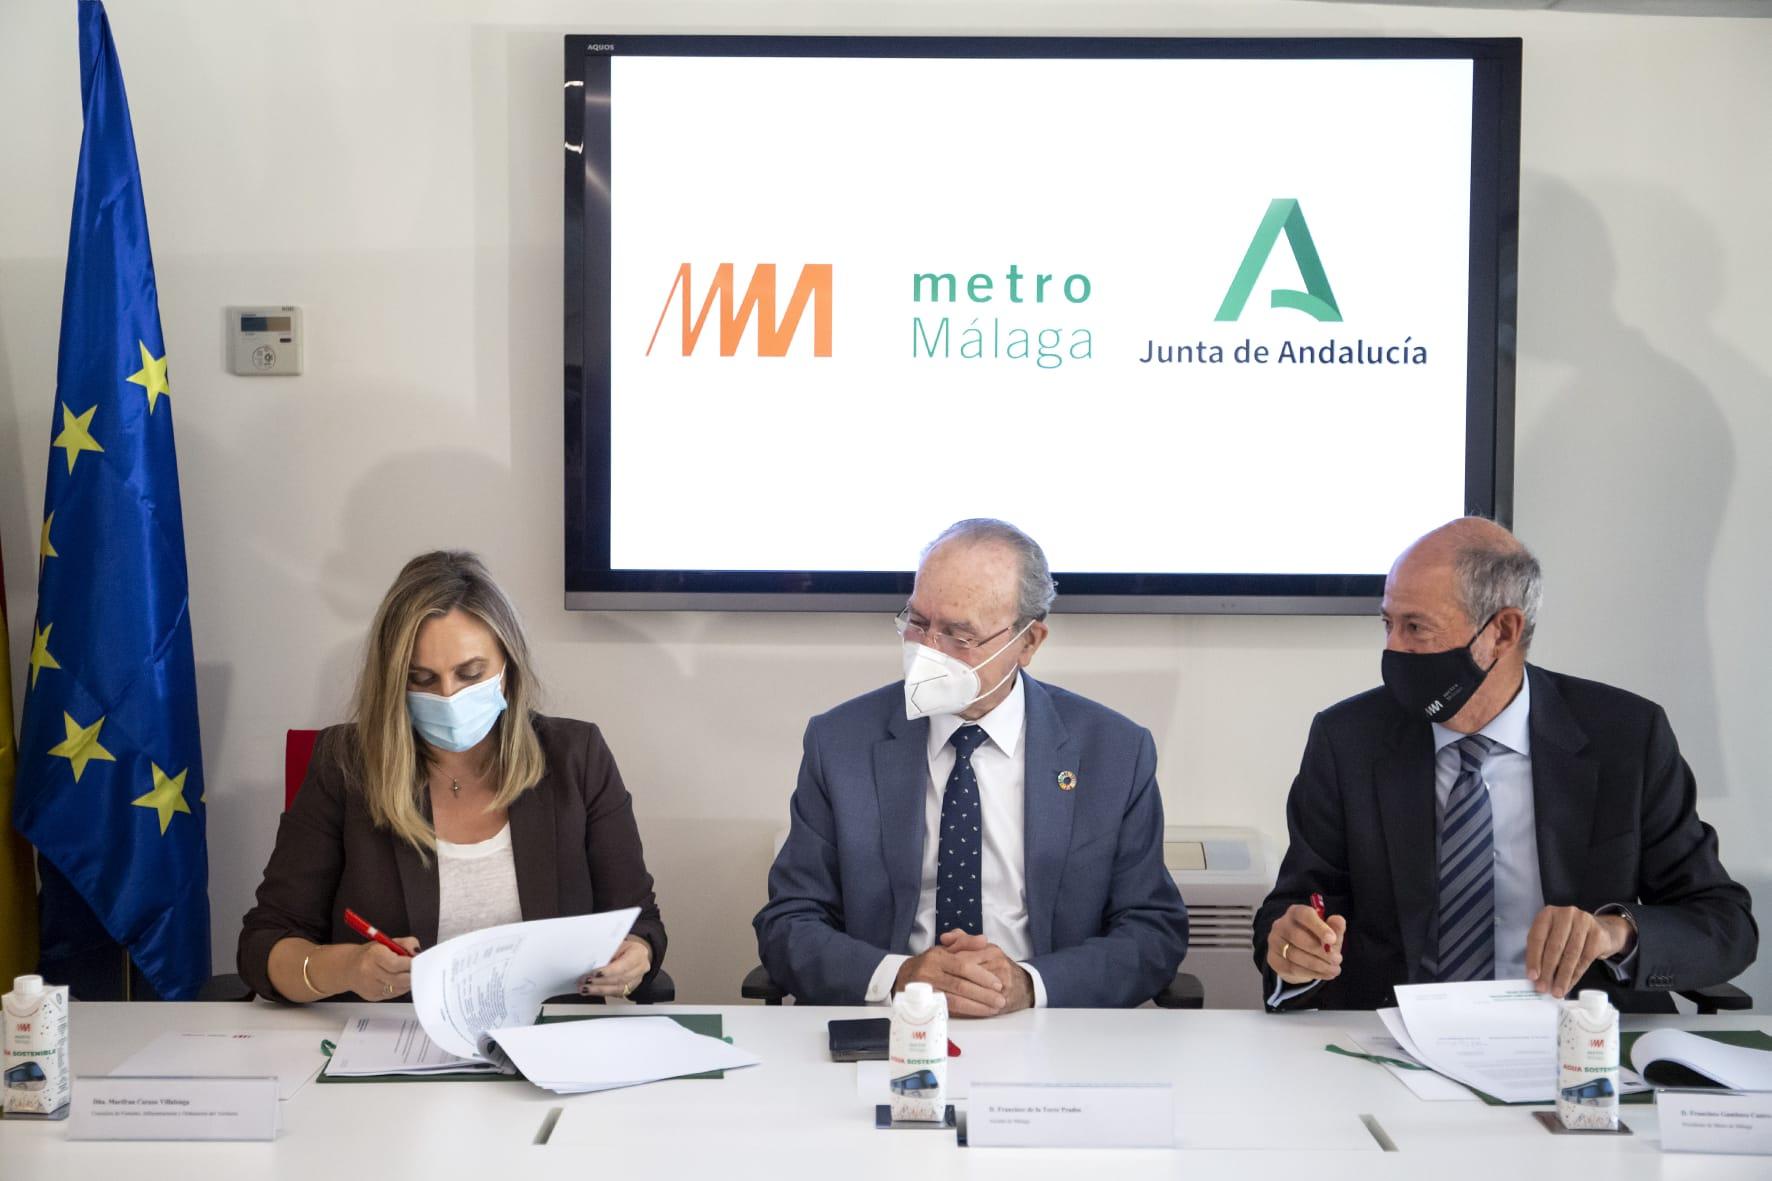 La consejera de Fomento, Marifrán Carazo, y el presidente de la sociedad concesionaria Metro de Málaga, Francisco Gambero, firman la modificación del contrato de concesión.